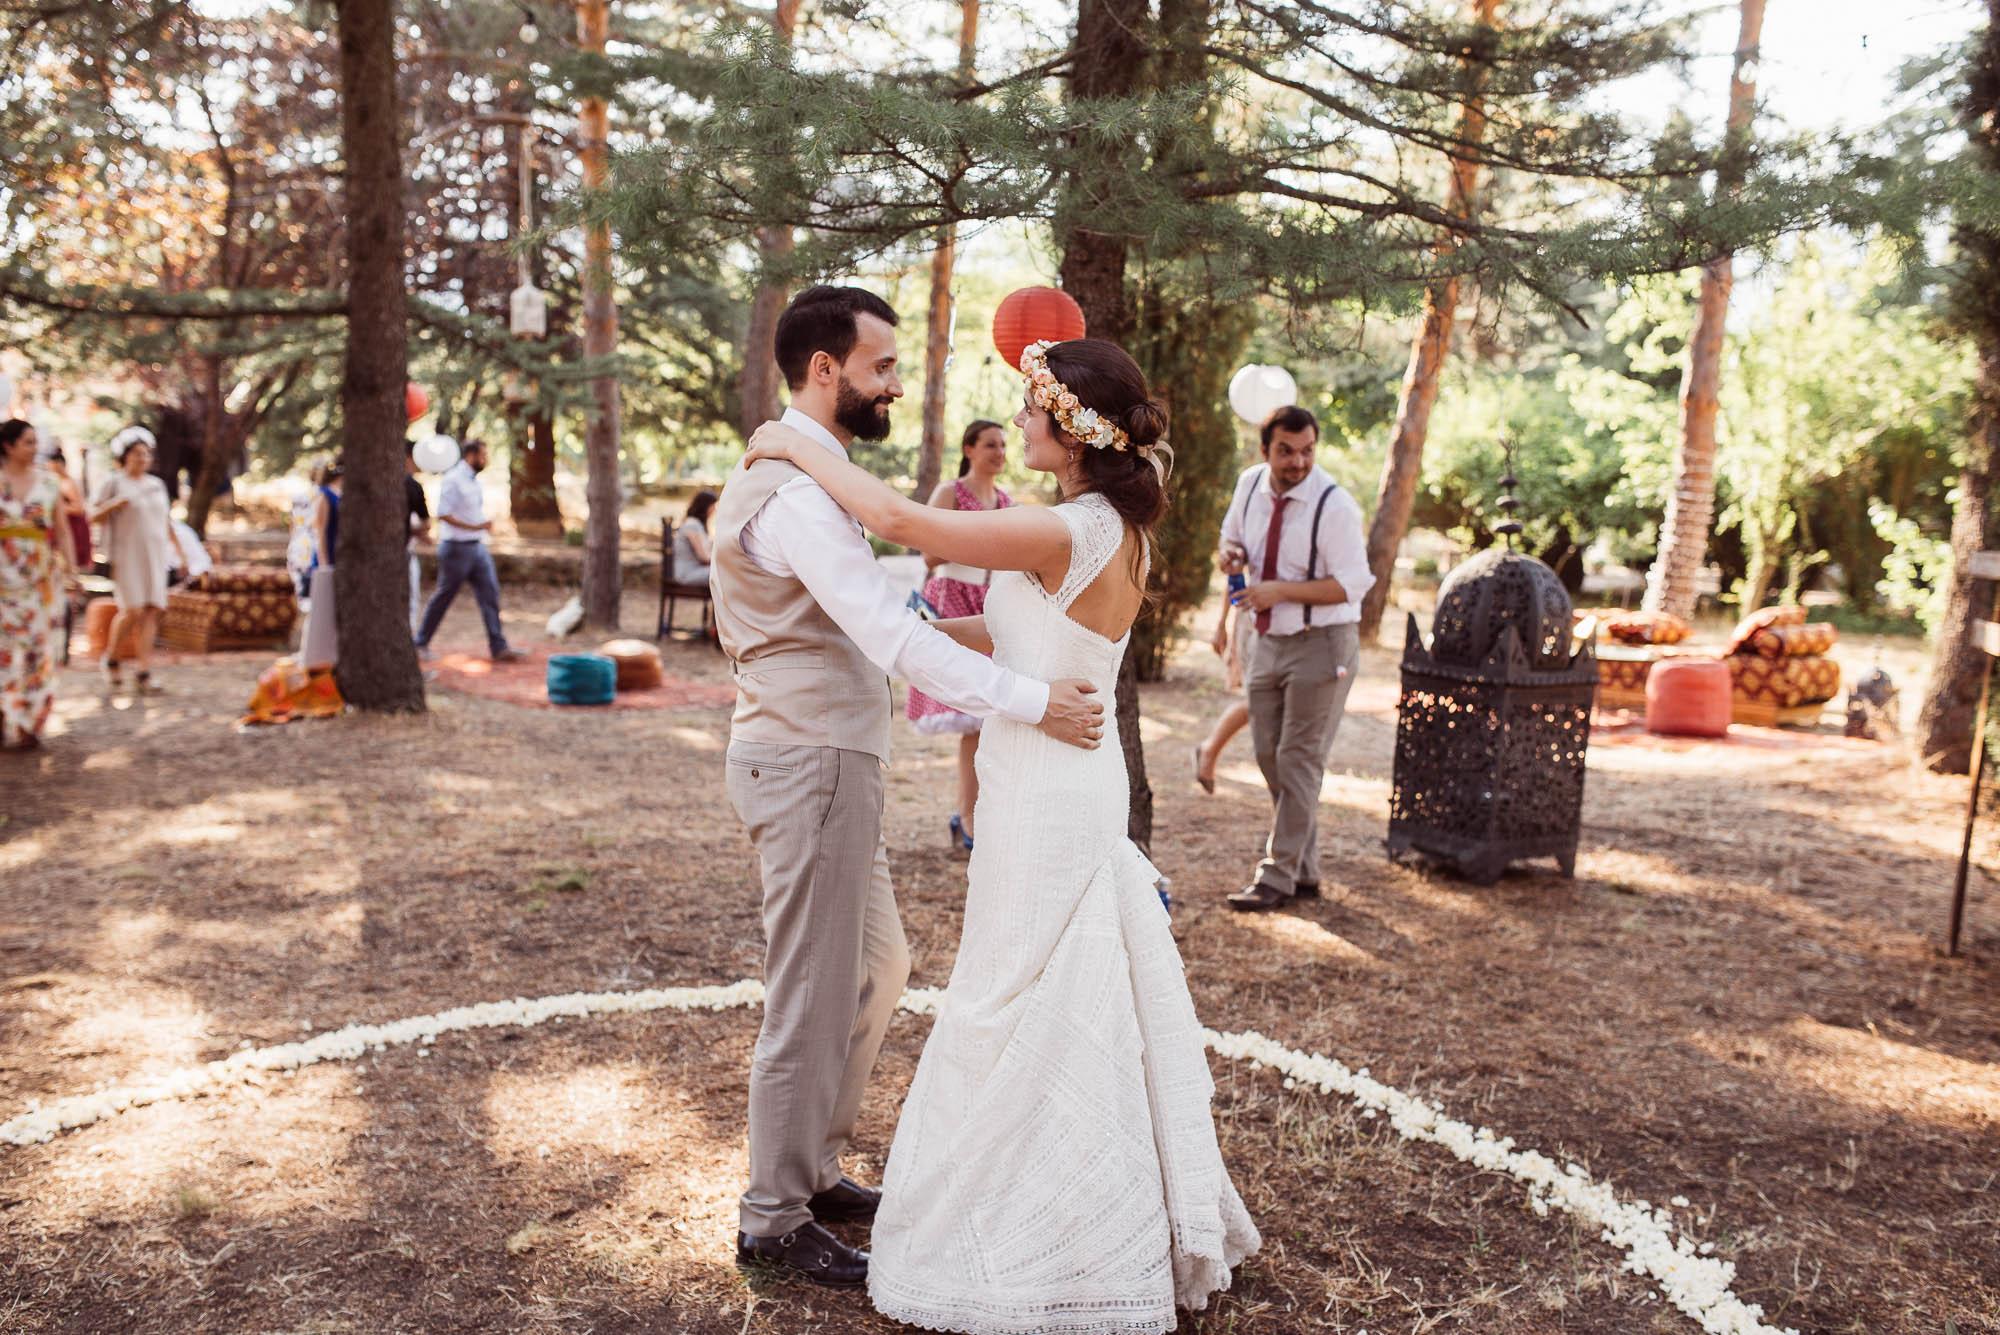 Los novios bailan en el bosque en un día soleado